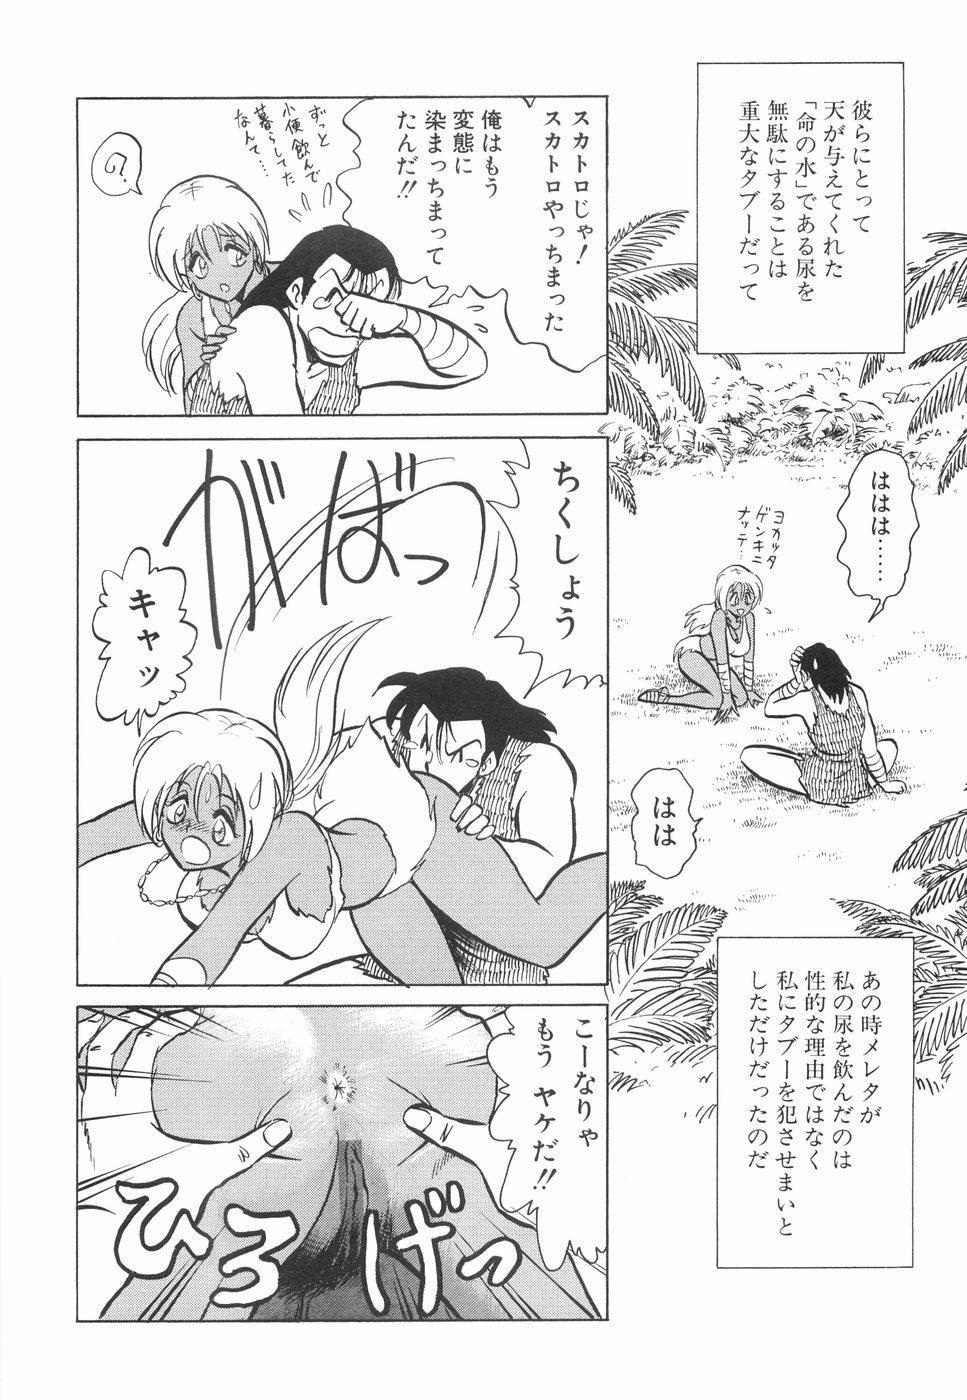 Hazukashime no Jikan 158